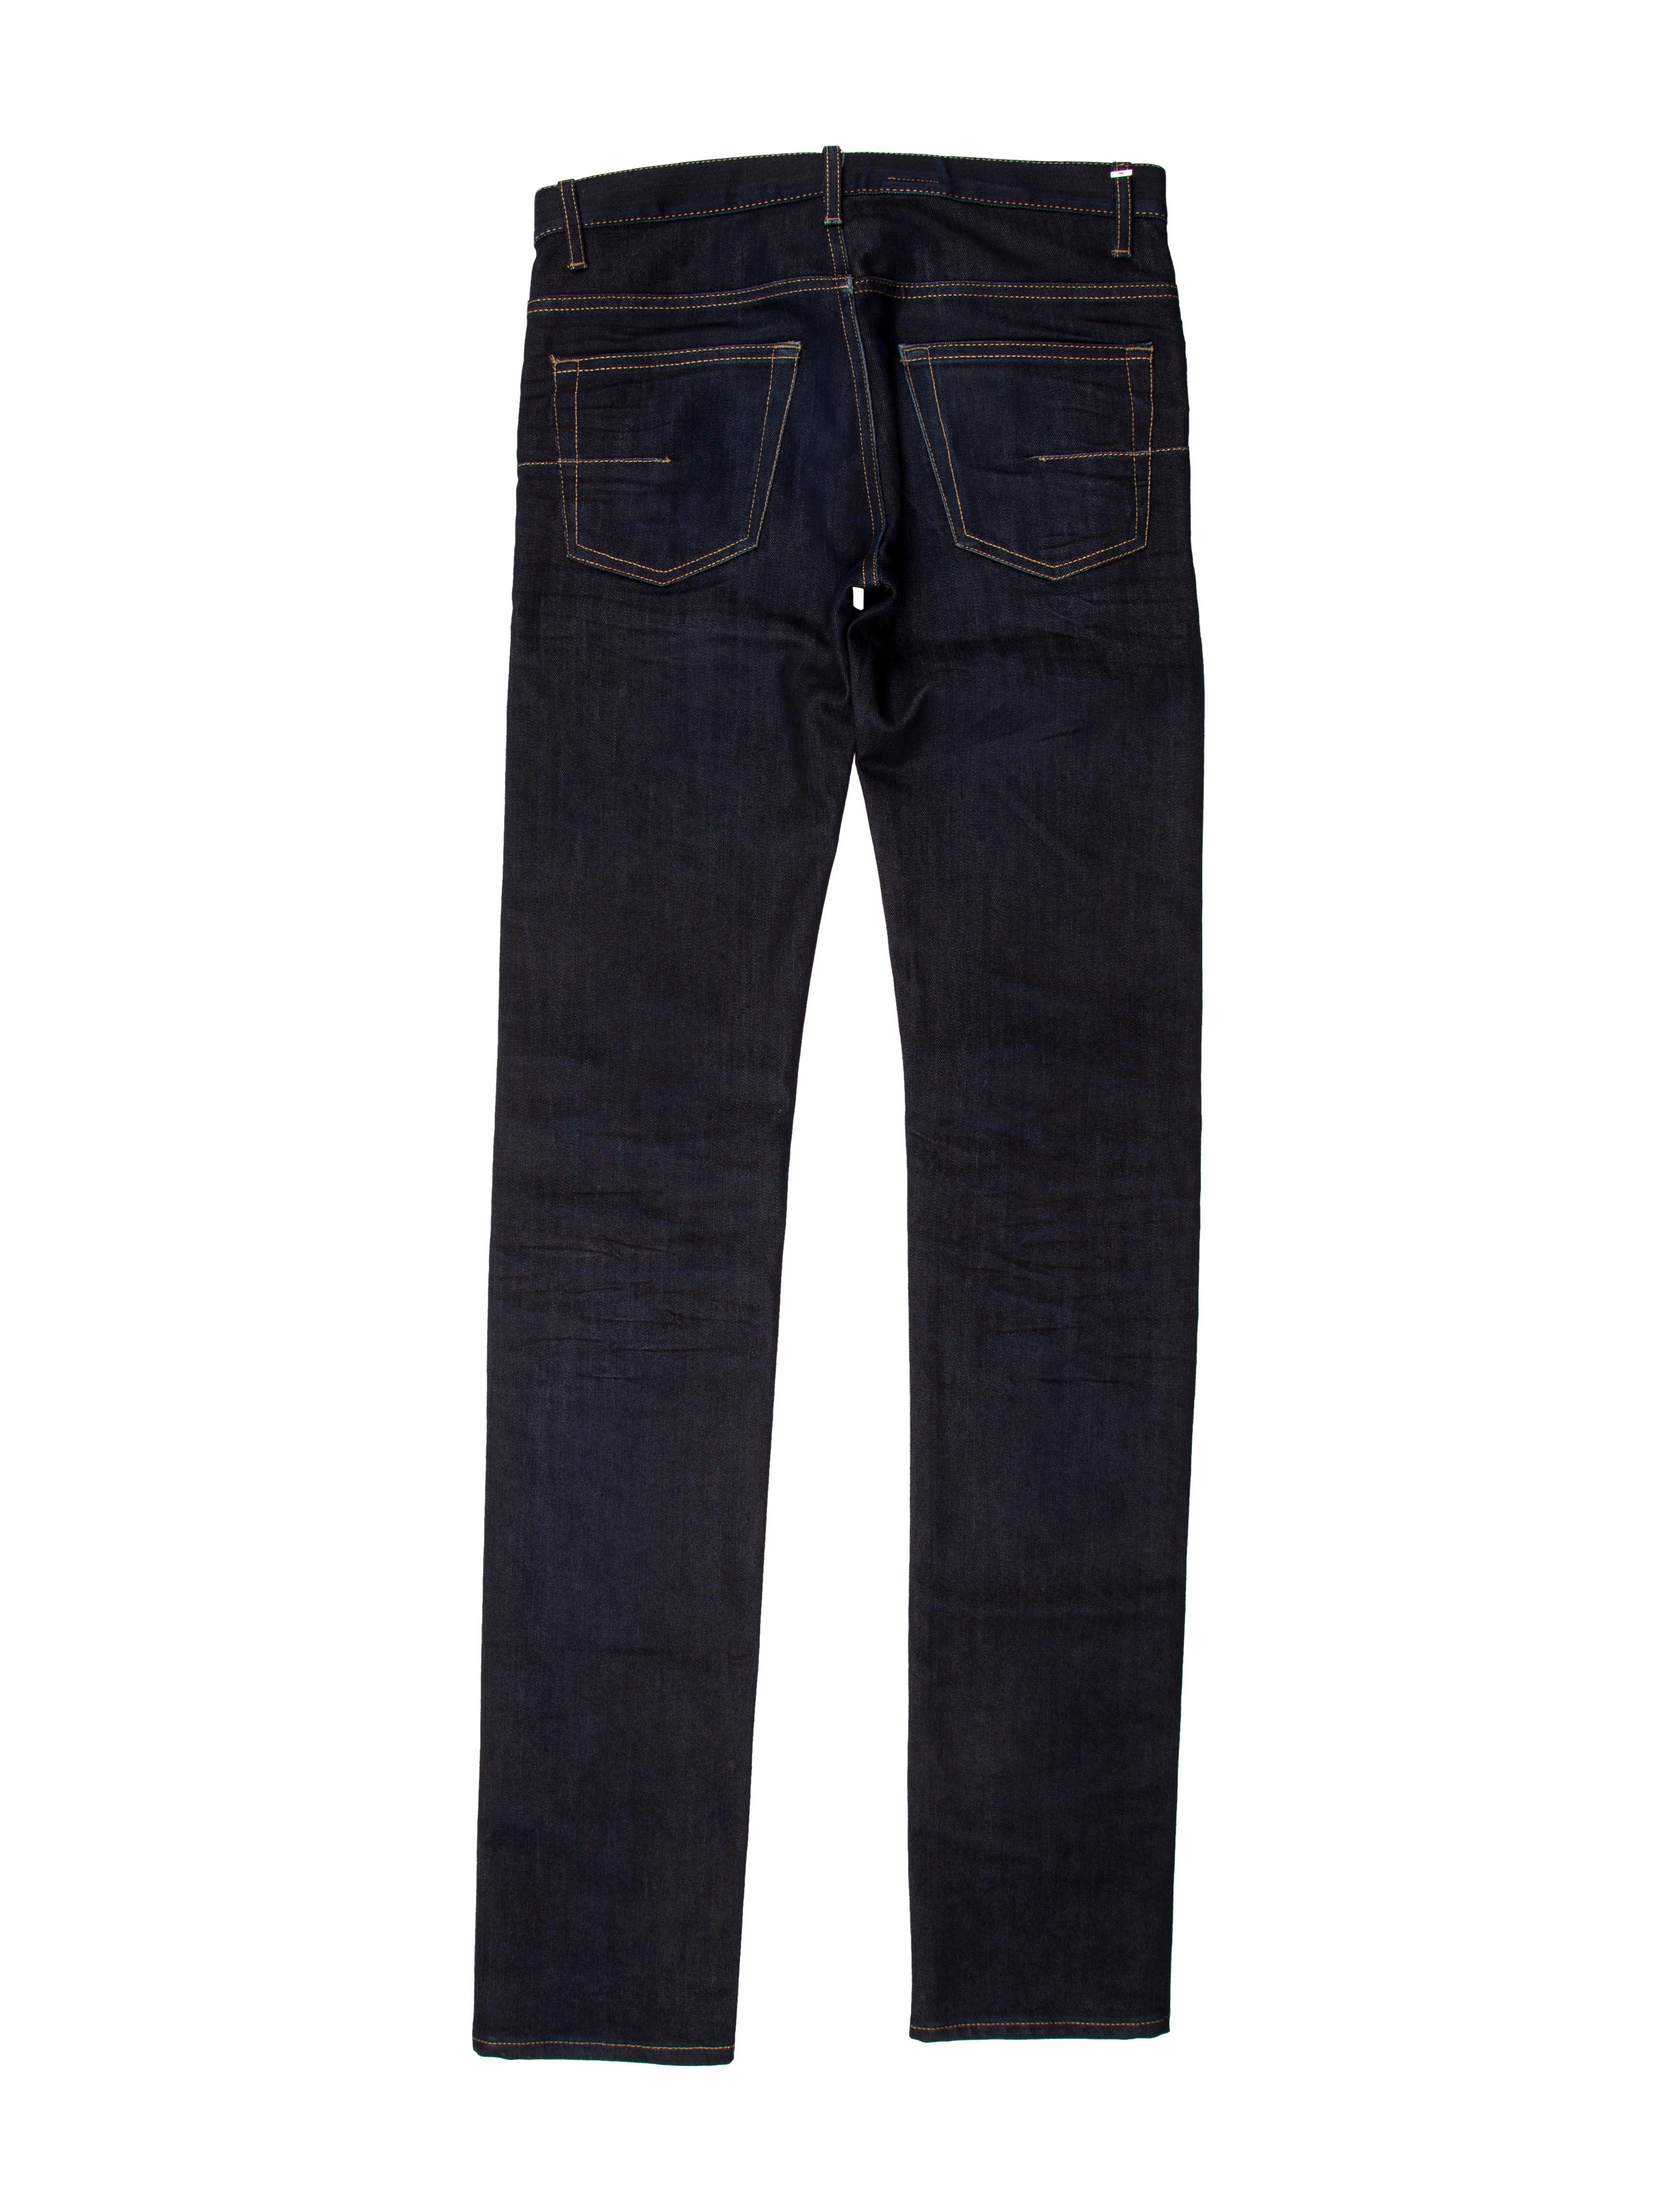 dior homme five pocket skinny jeans clothing hmm22783 the realreal. Black Bedroom Furniture Sets. Home Design Ideas